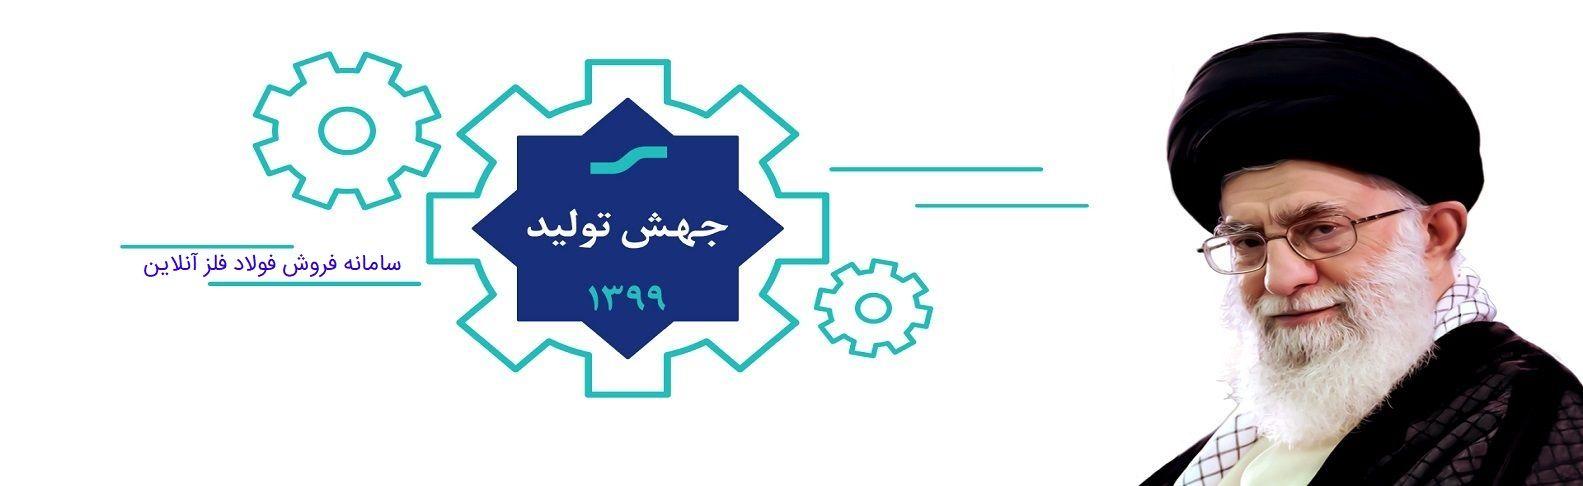 شعار سال 1399-شعار سال- شعار سال حضرت آقا-شعار سال امام خامنه ای